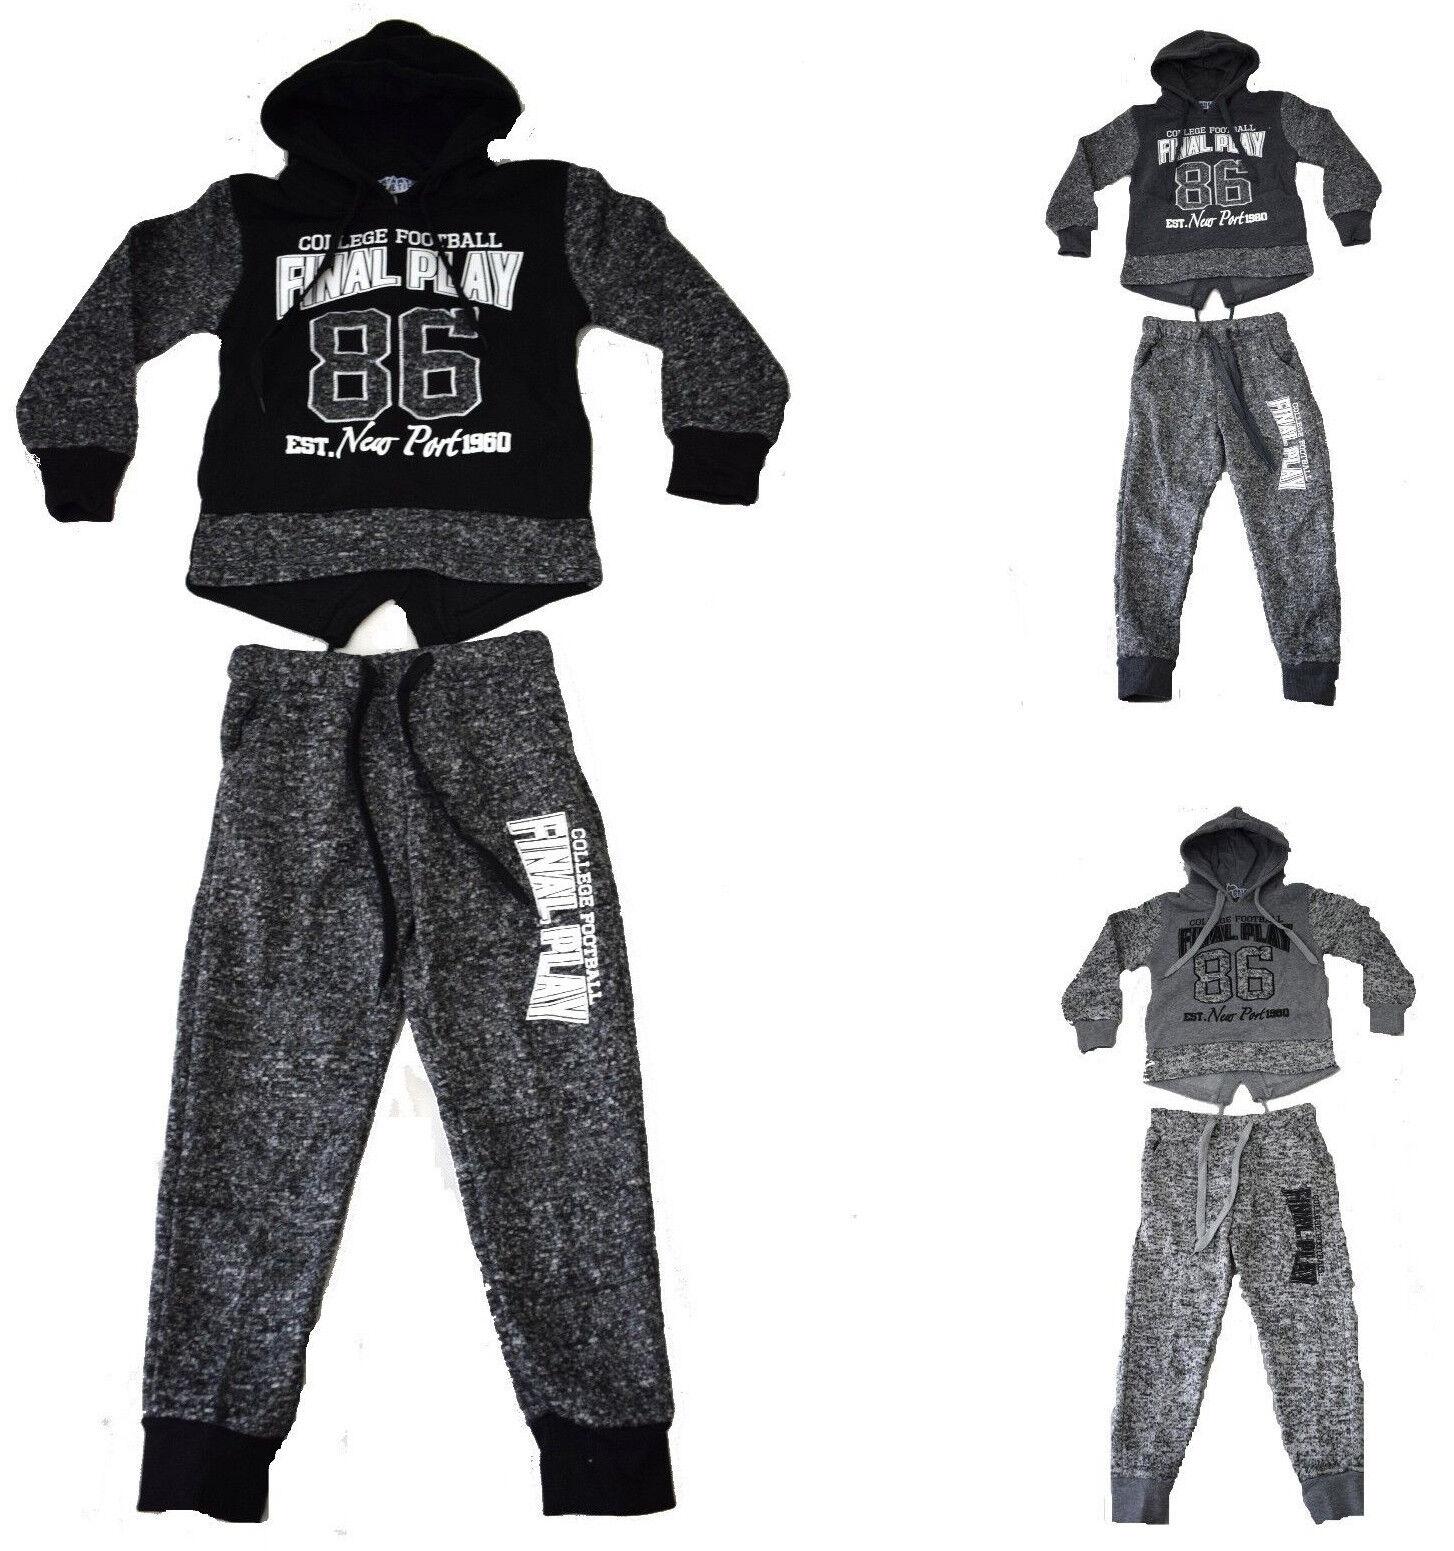 Kinder Jogginganzug Neu Jungen Sportanzug Kinder Pullover + Jogginghose *SUPER*